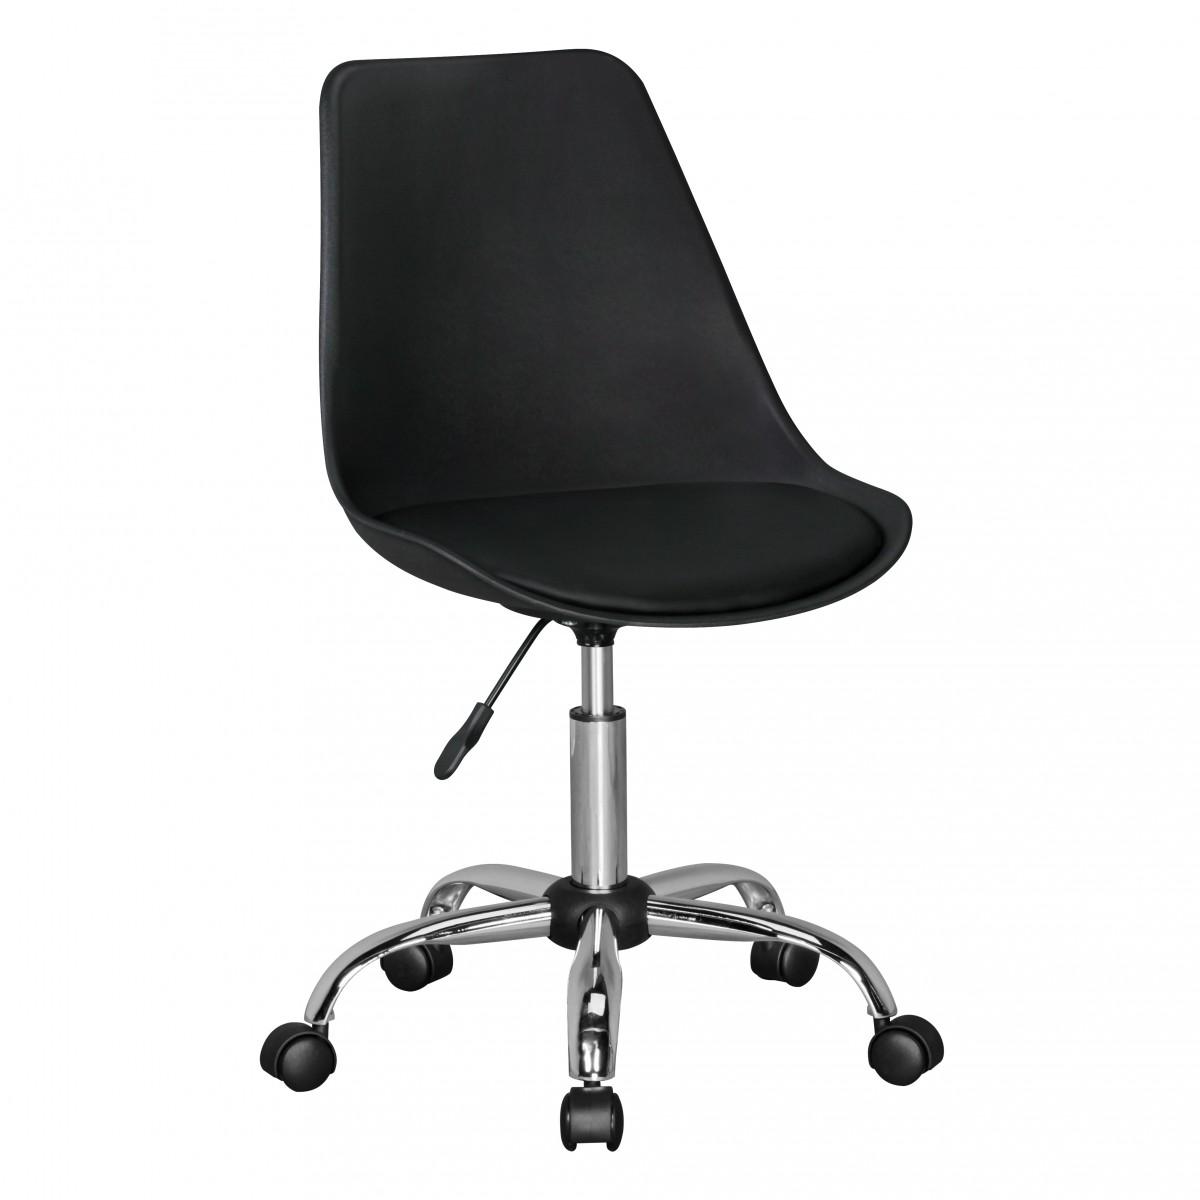 FineBuy HAINAN | Drehstuhl mit Kunstleder-Sitzfläche Blau | Design ...